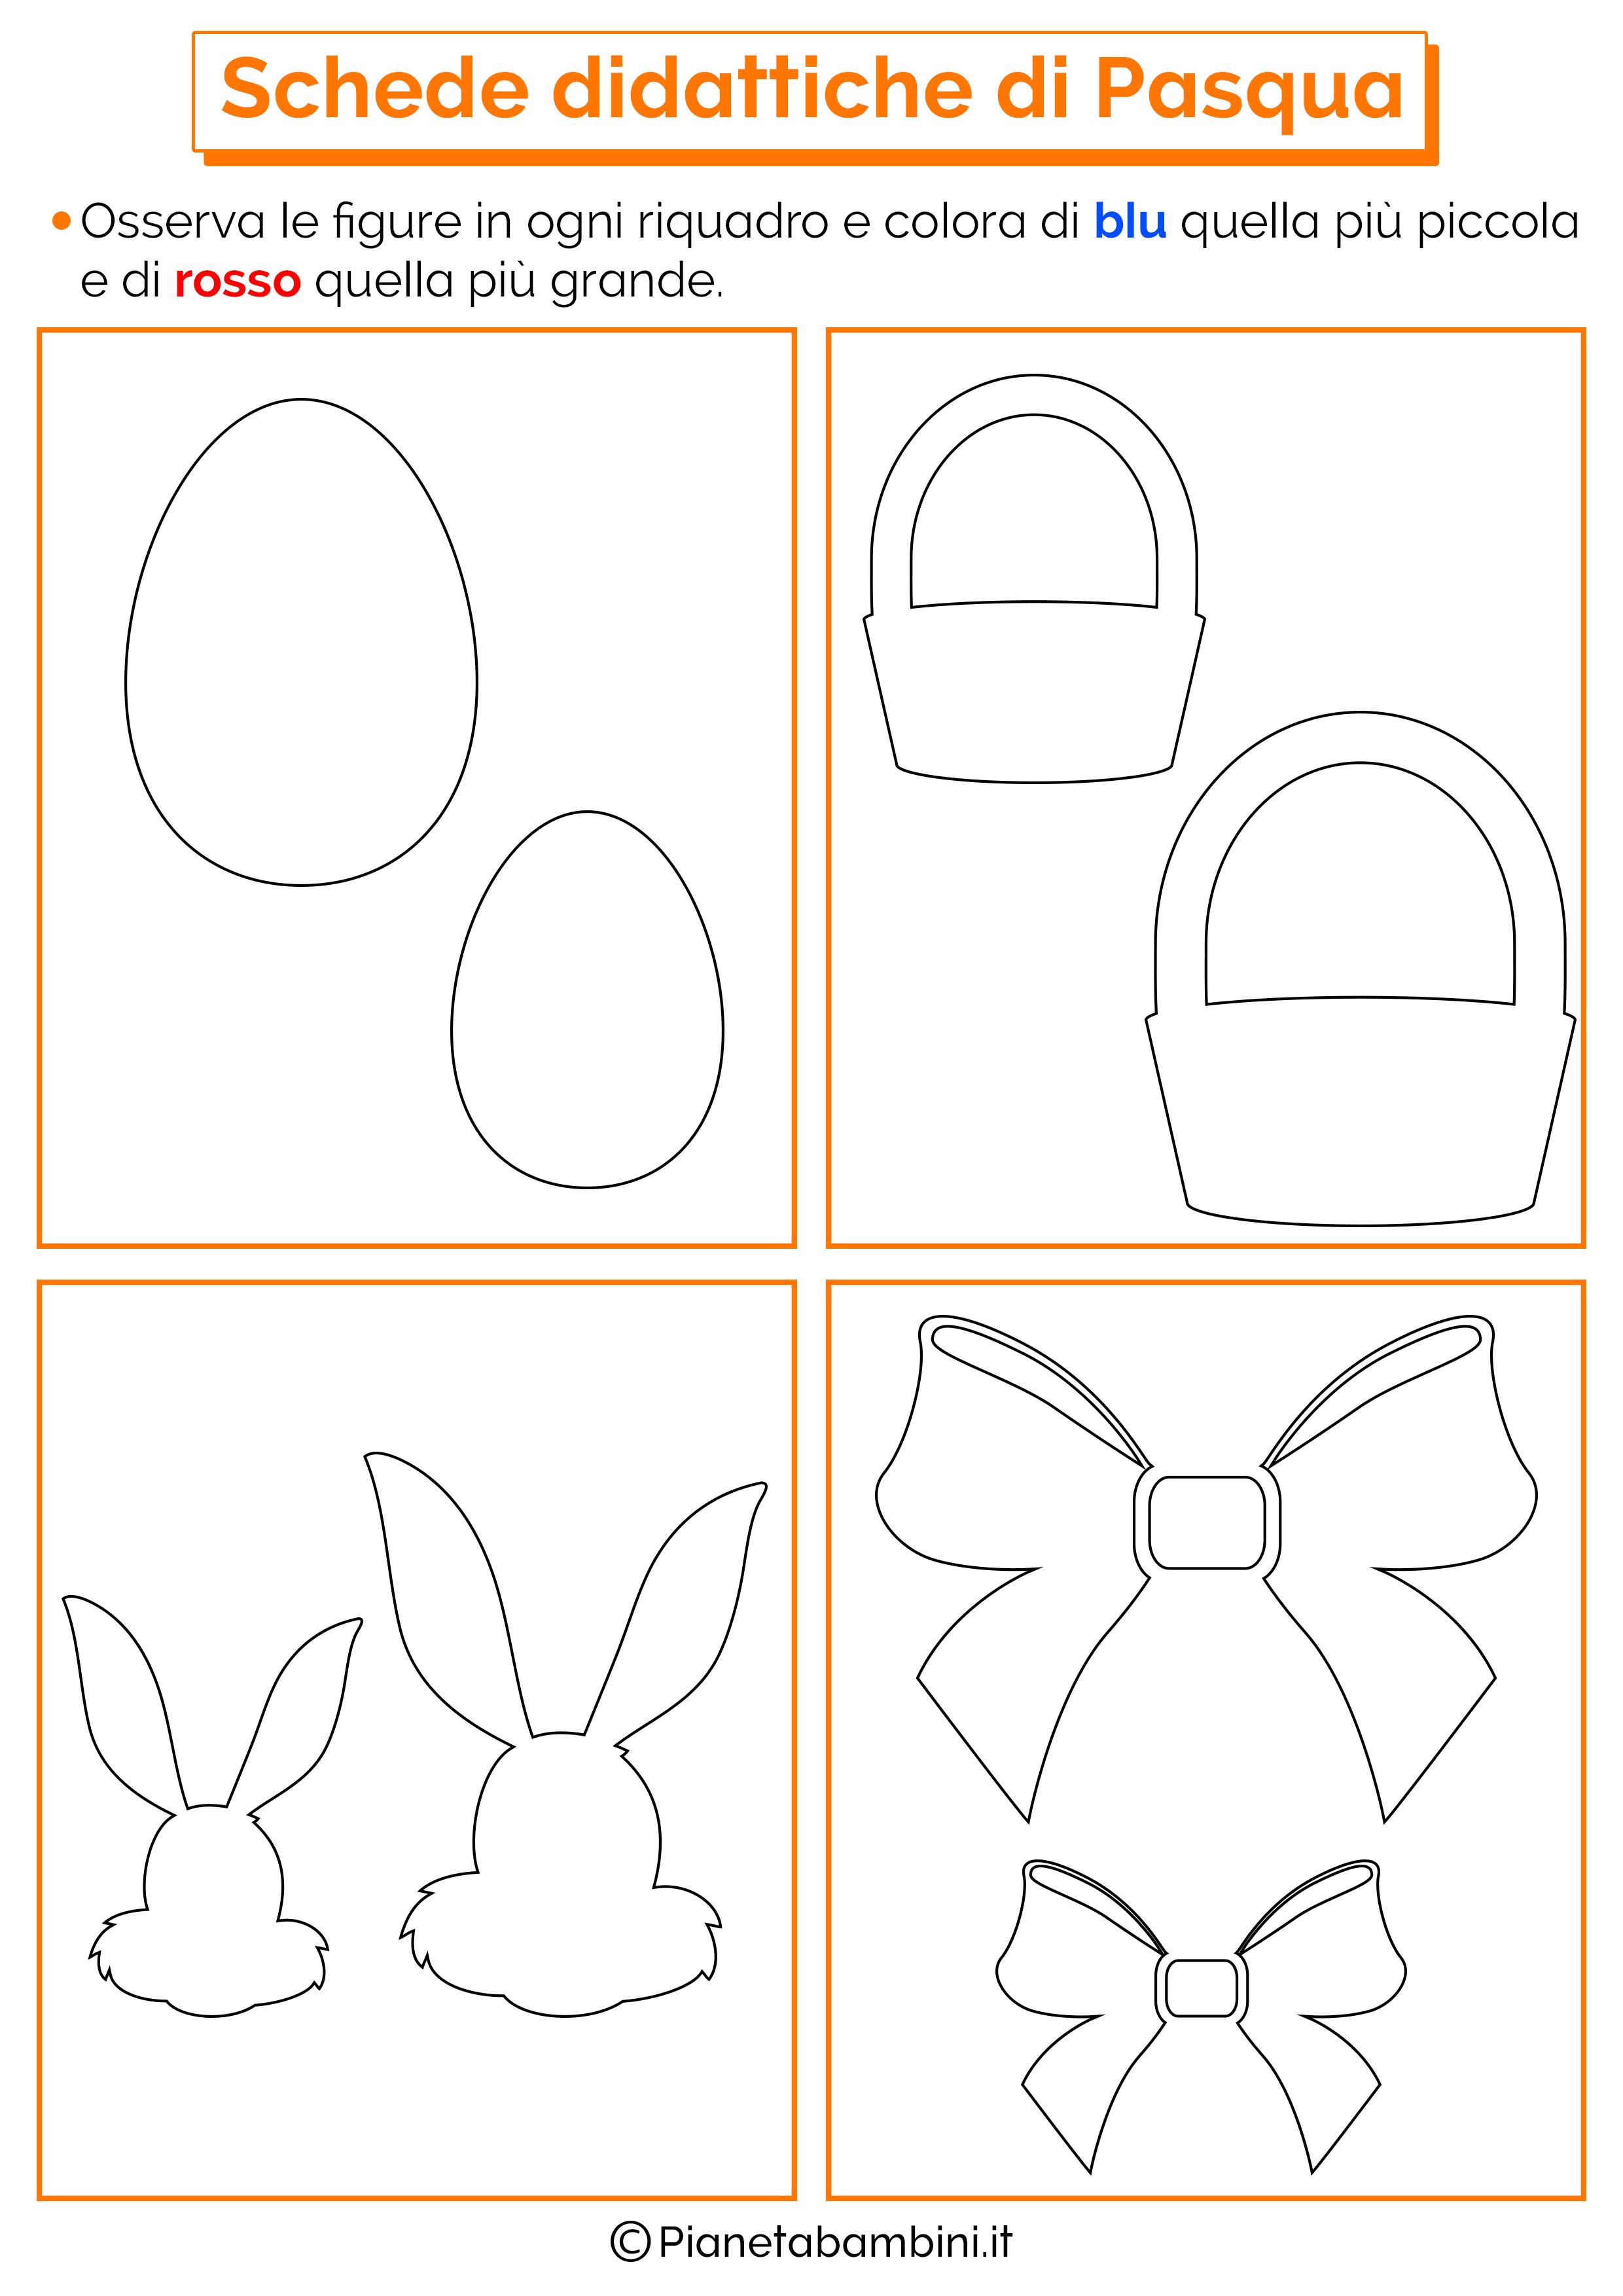 Favoloso Schede Didattiche di Pasqua per la Scuola dell'Infanzia  OK01